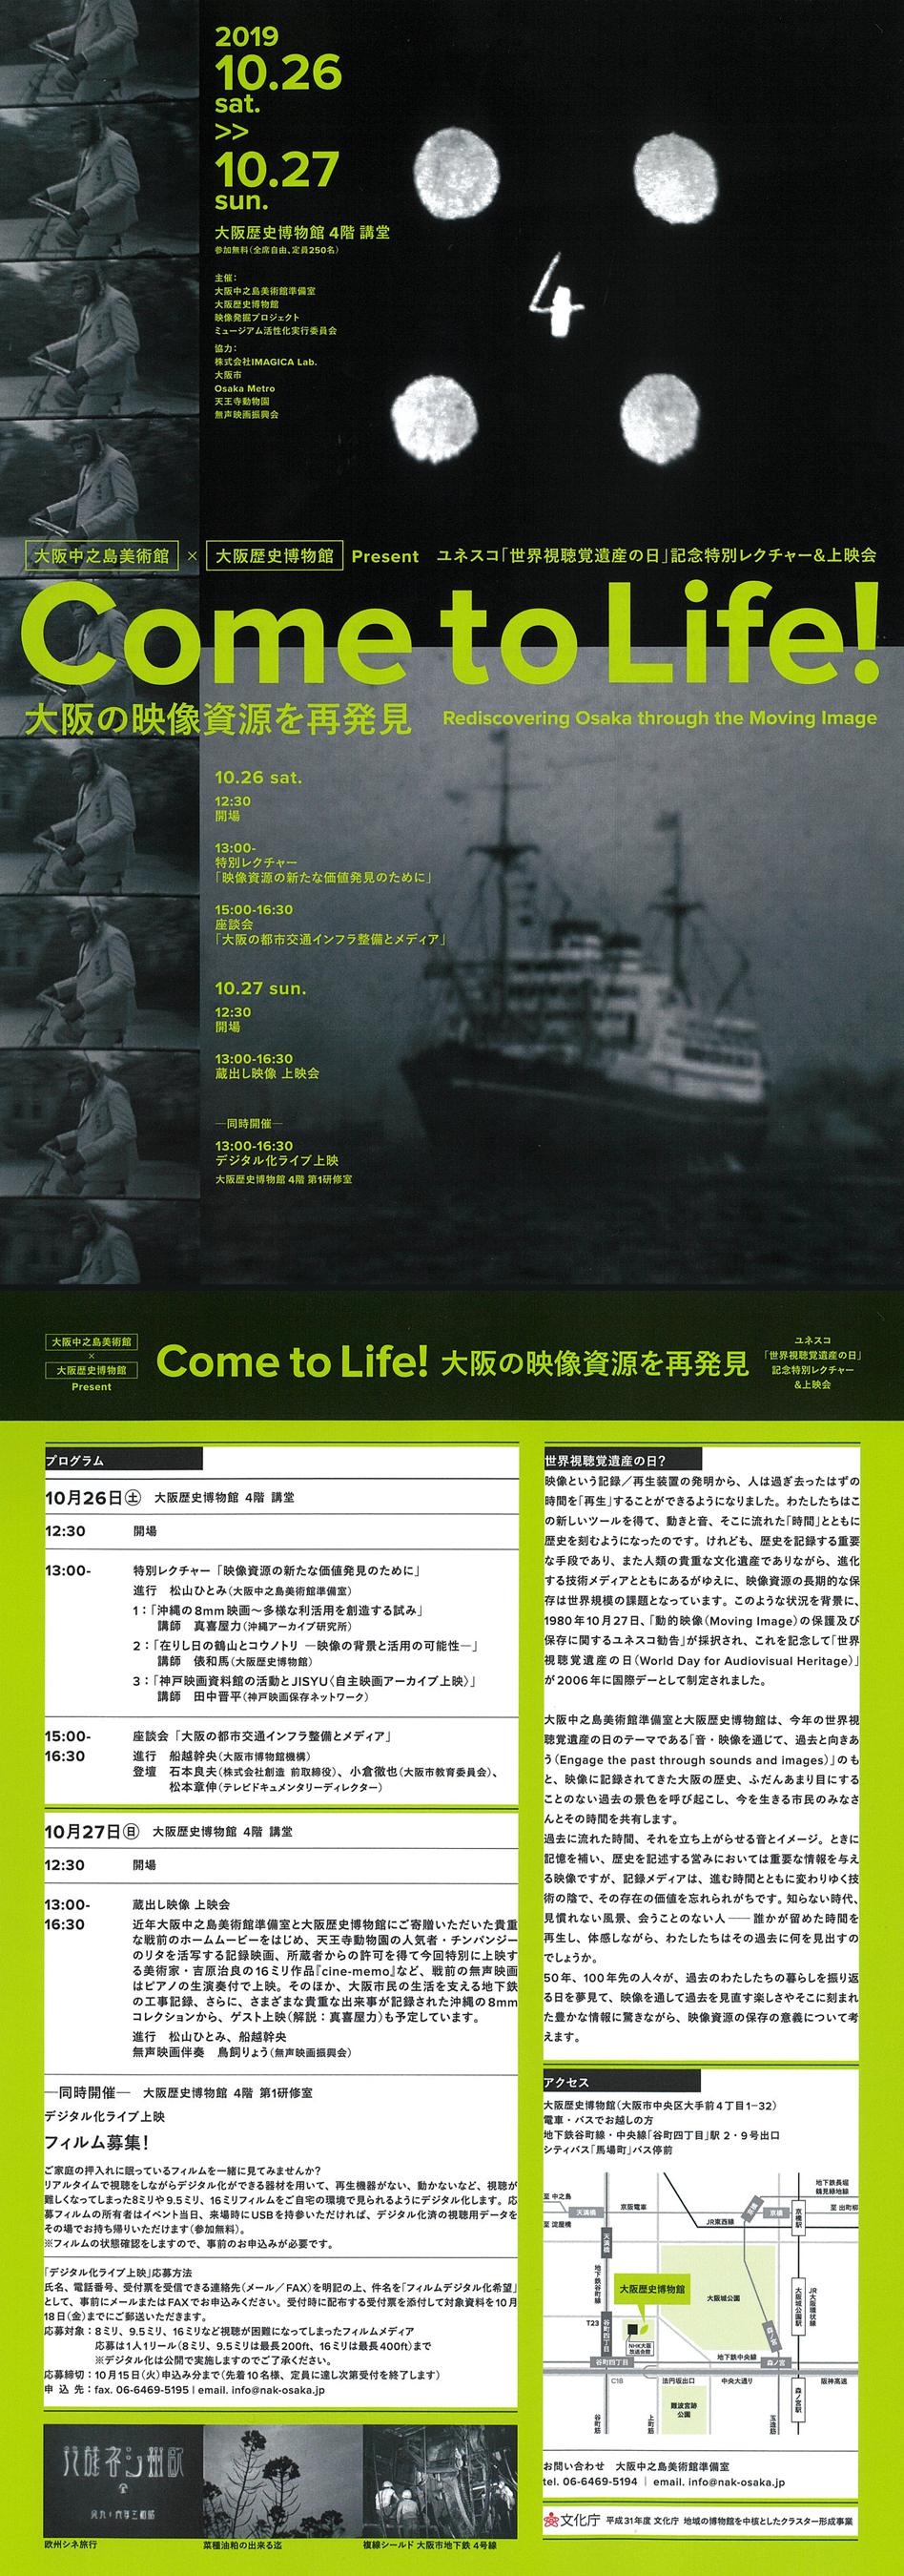 特別レクチャー&上映会 Come to Life! 大阪の映像資源を再発見」